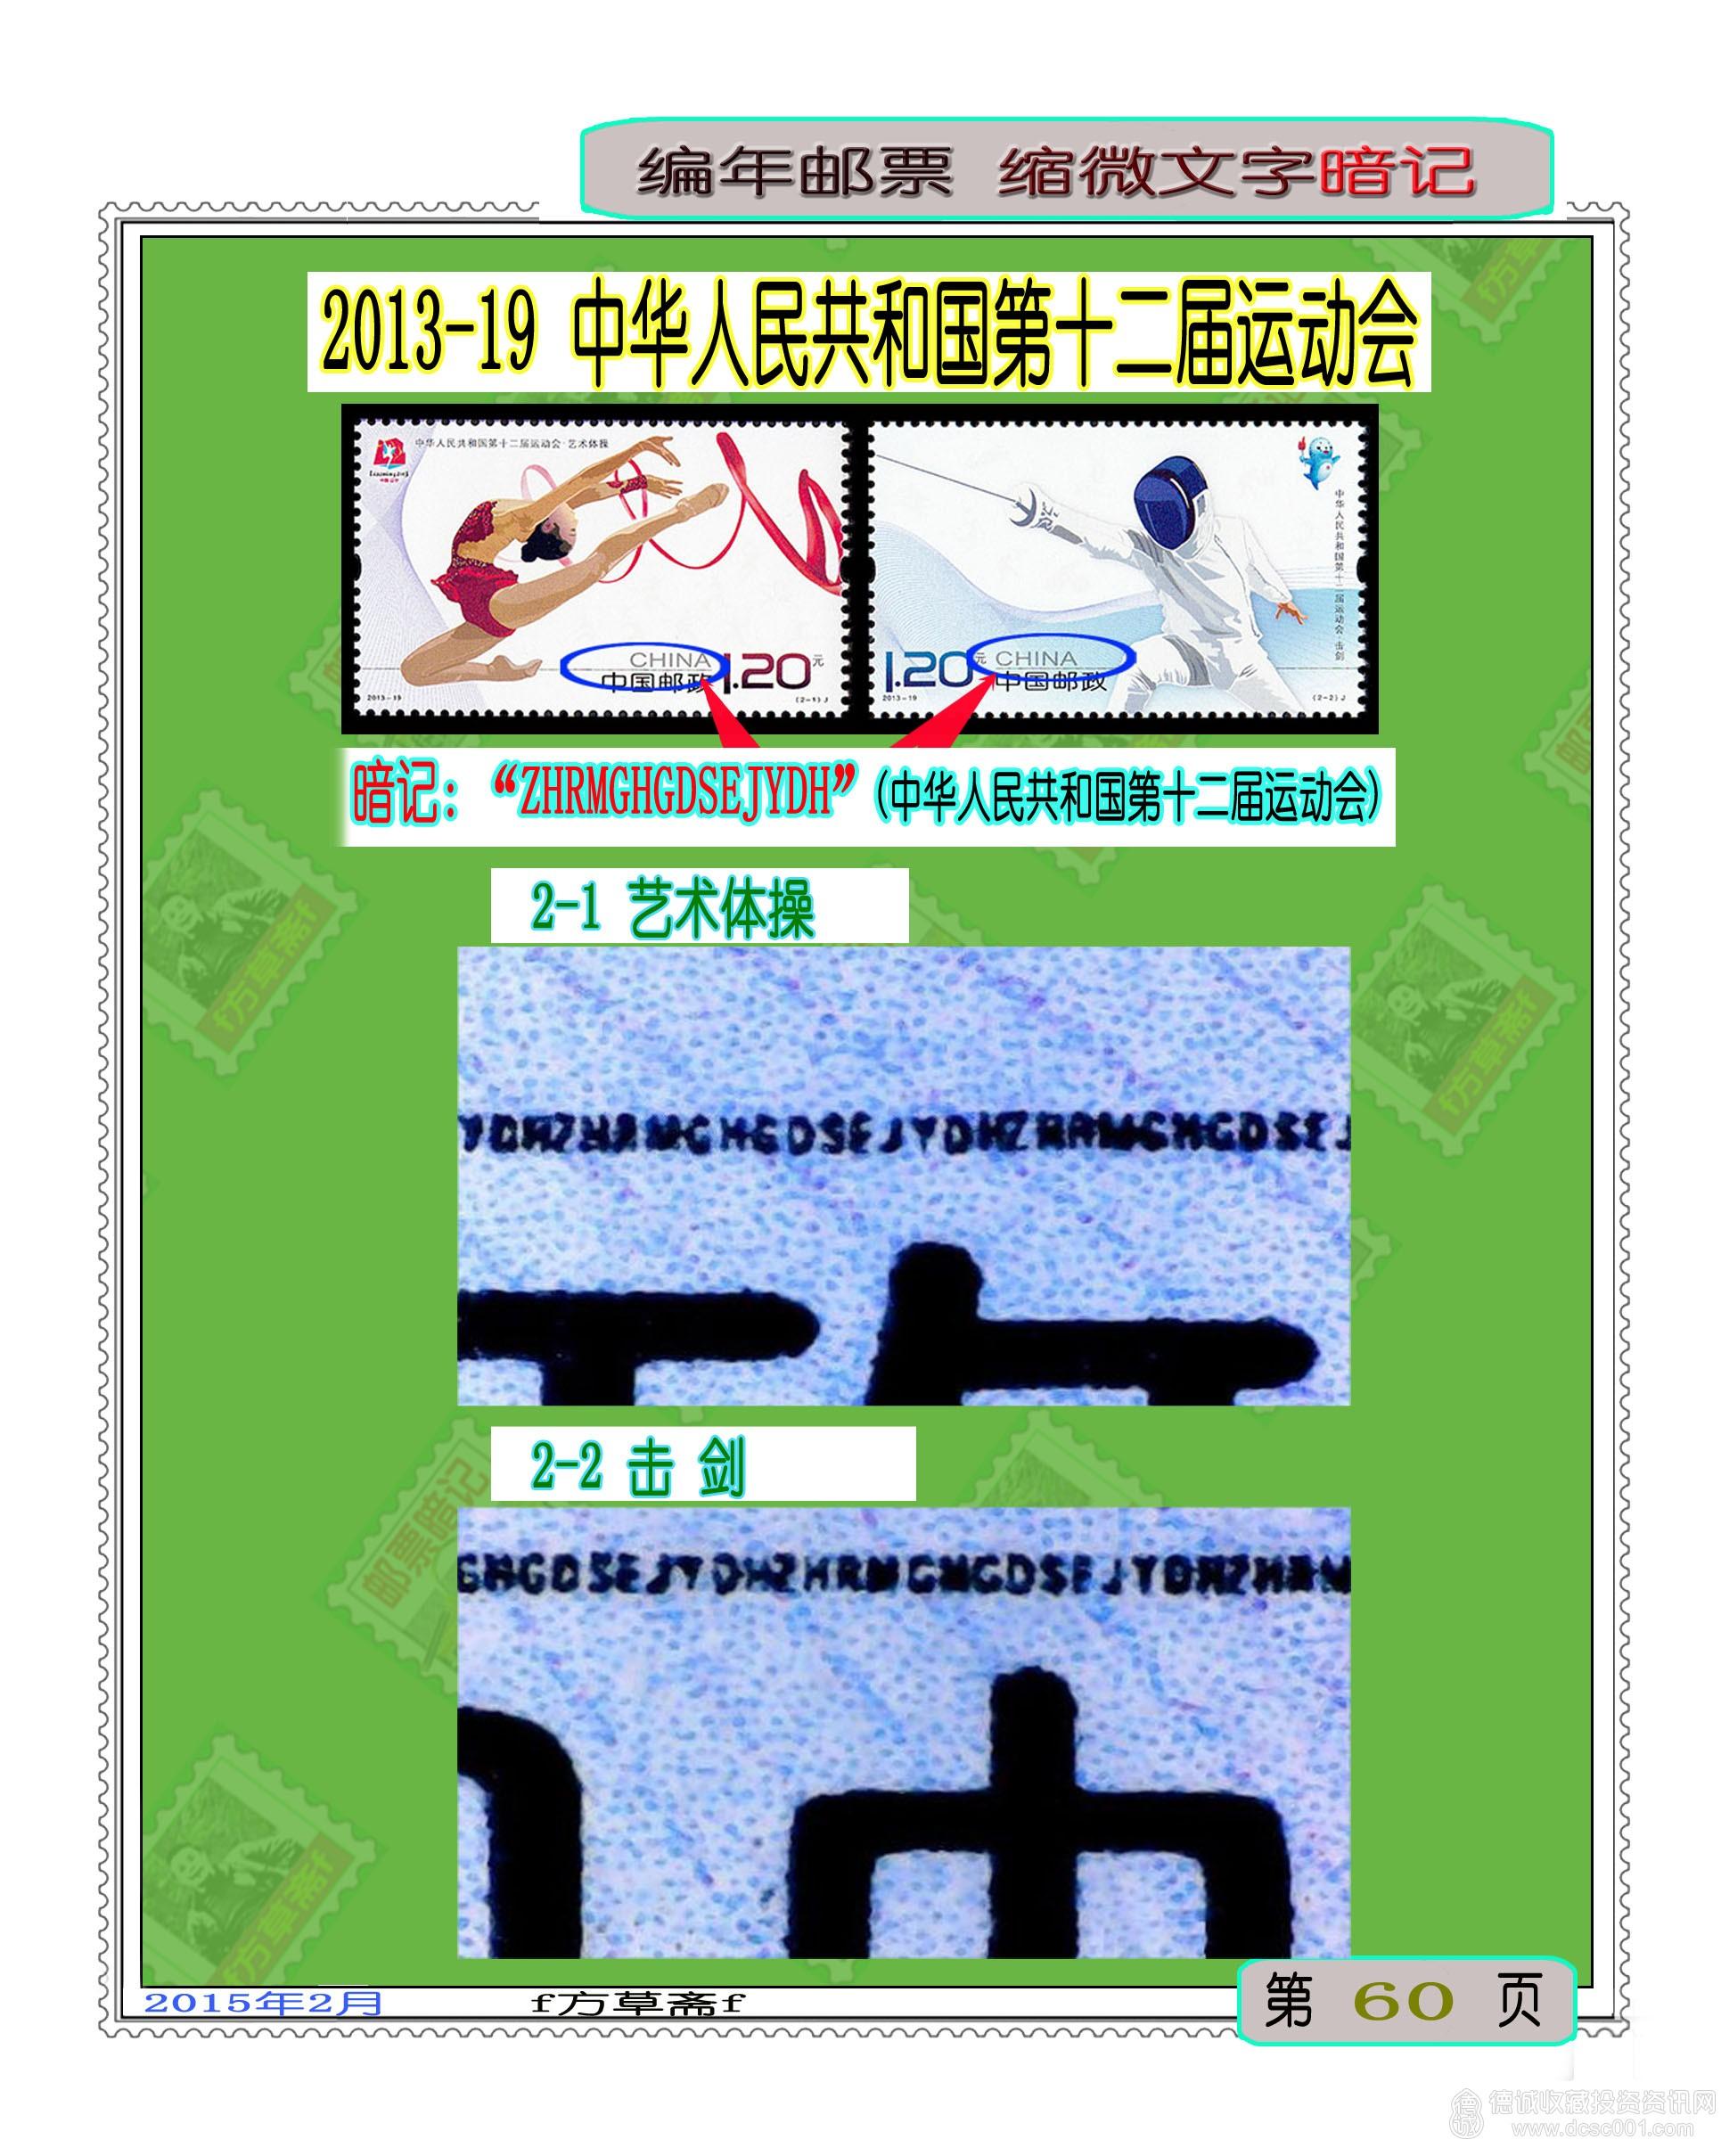 2013-19.中华人民共和国第十二届运动会8.jpg